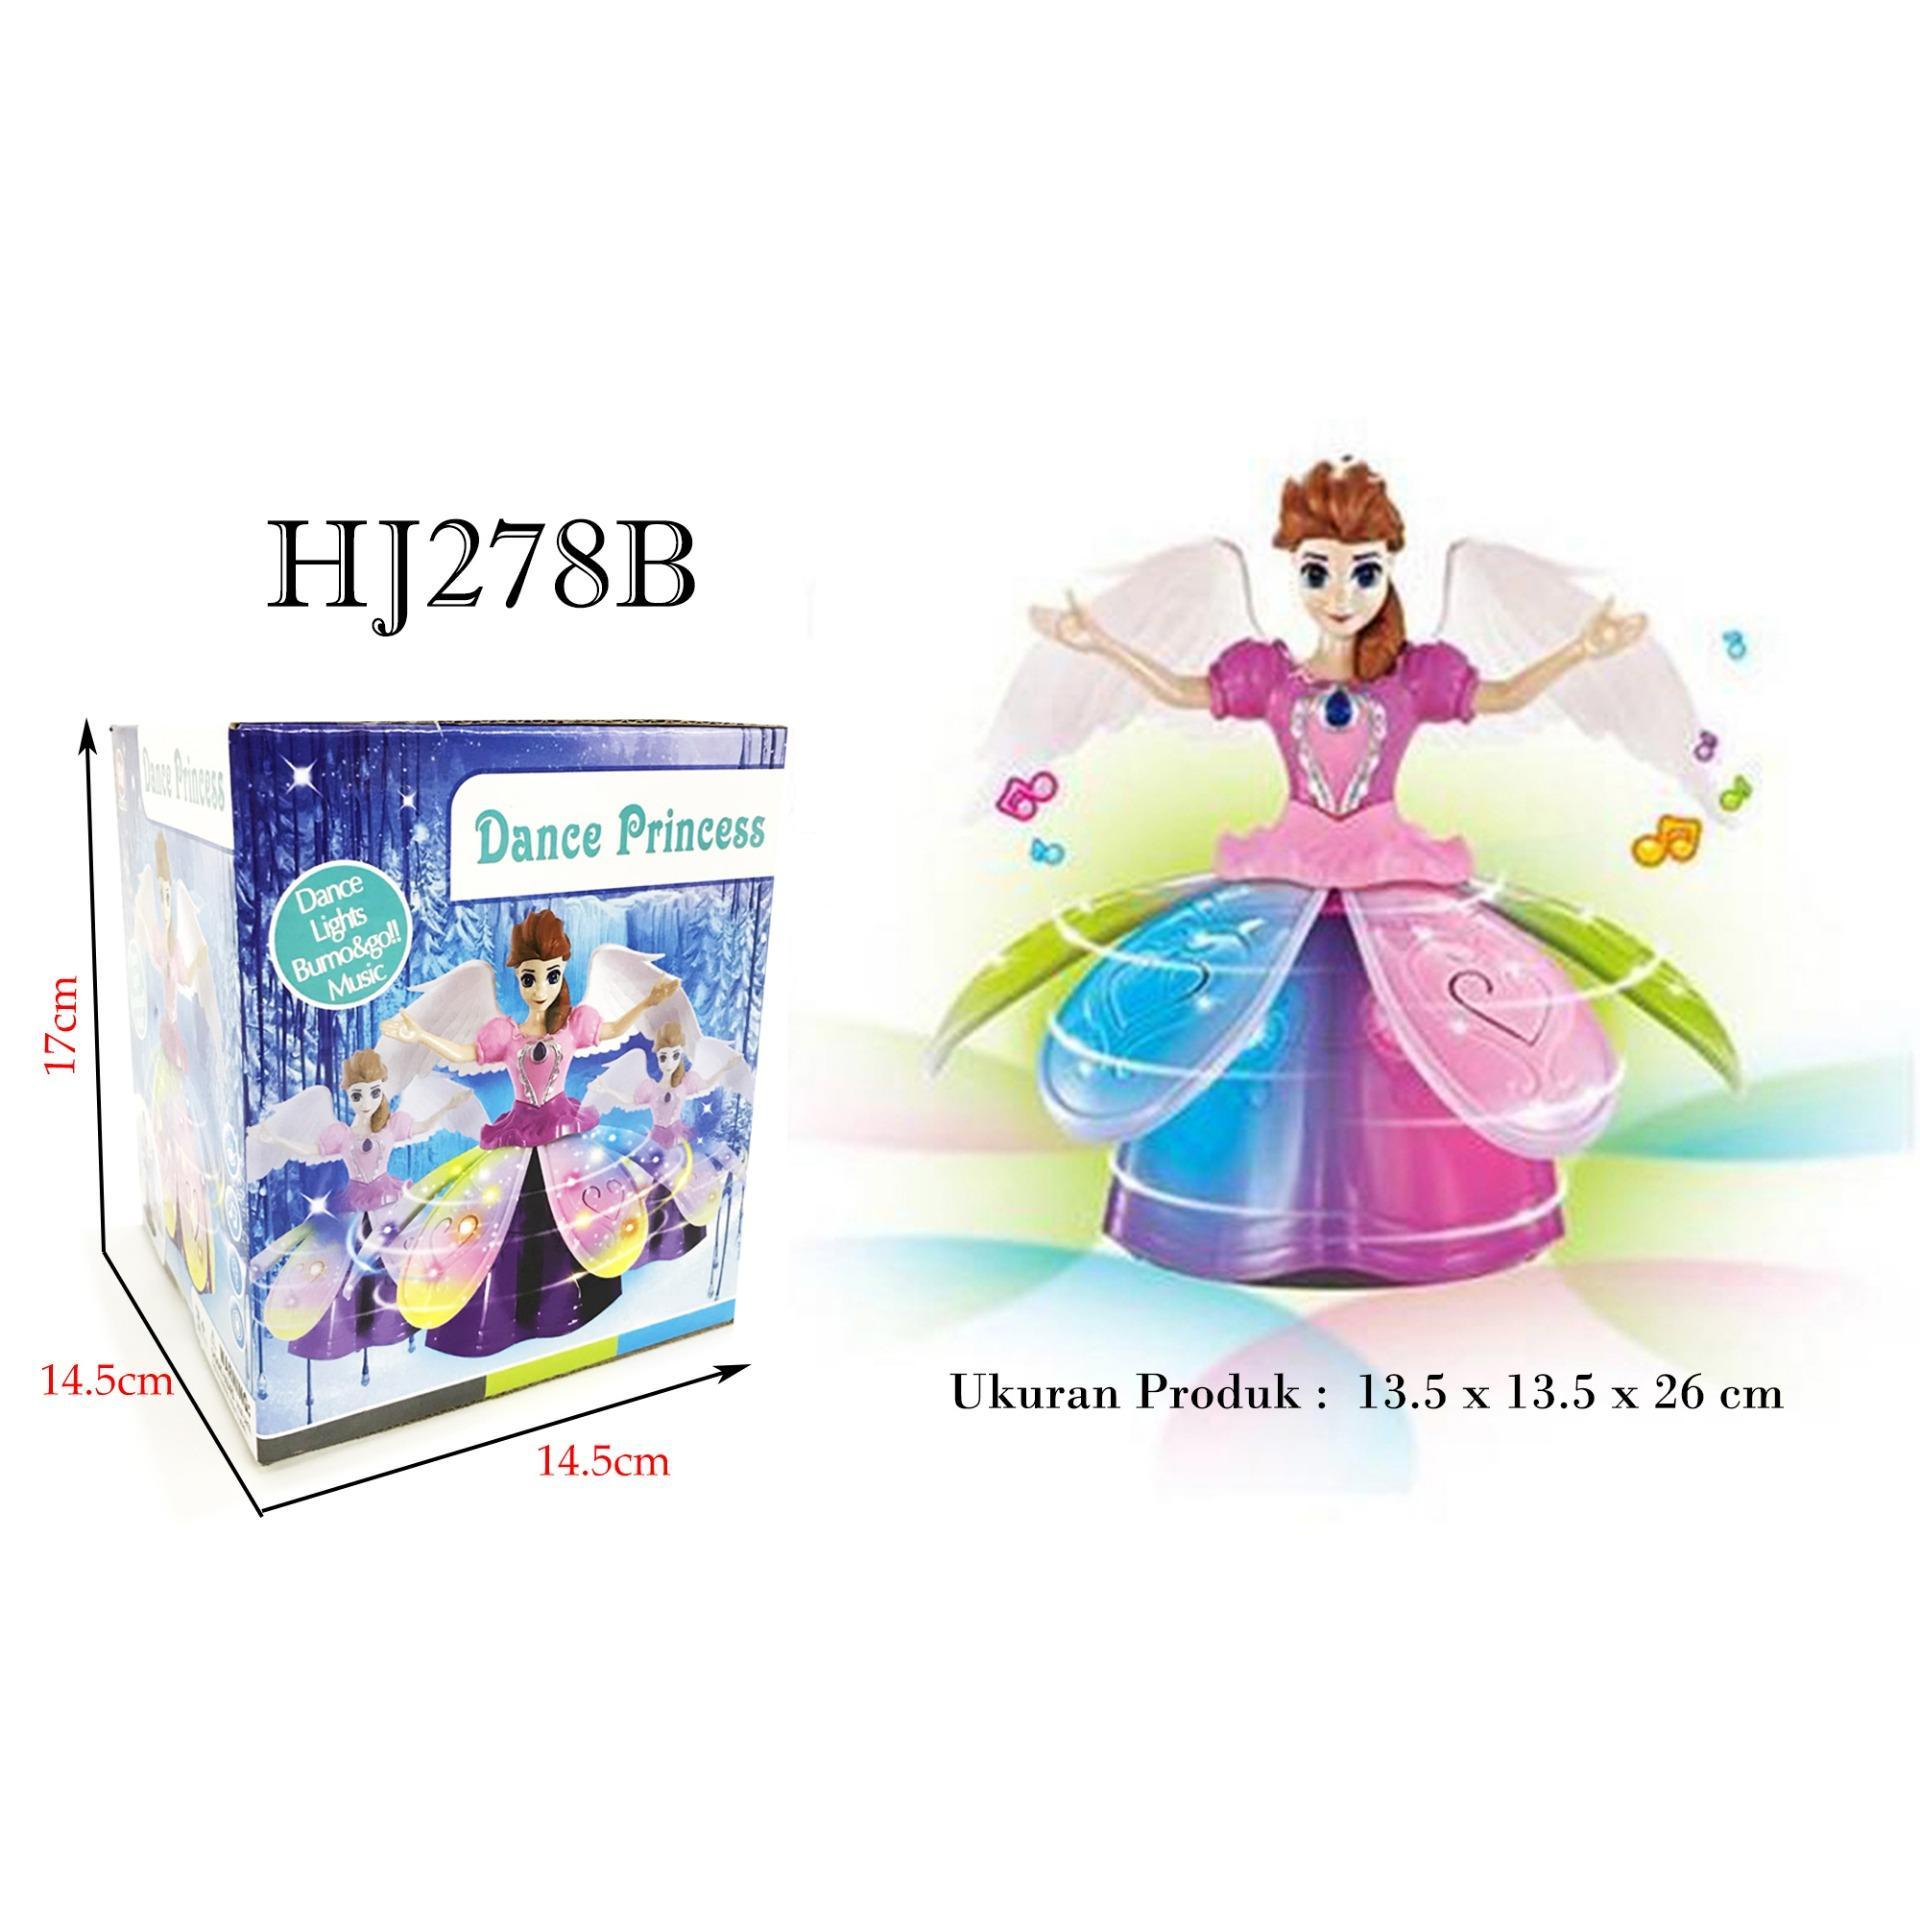 RKJ Mainan Anak Perempuan Dancing Princess Batere Bisa Mutar 360° HJ278B + FREE BATERAI A2